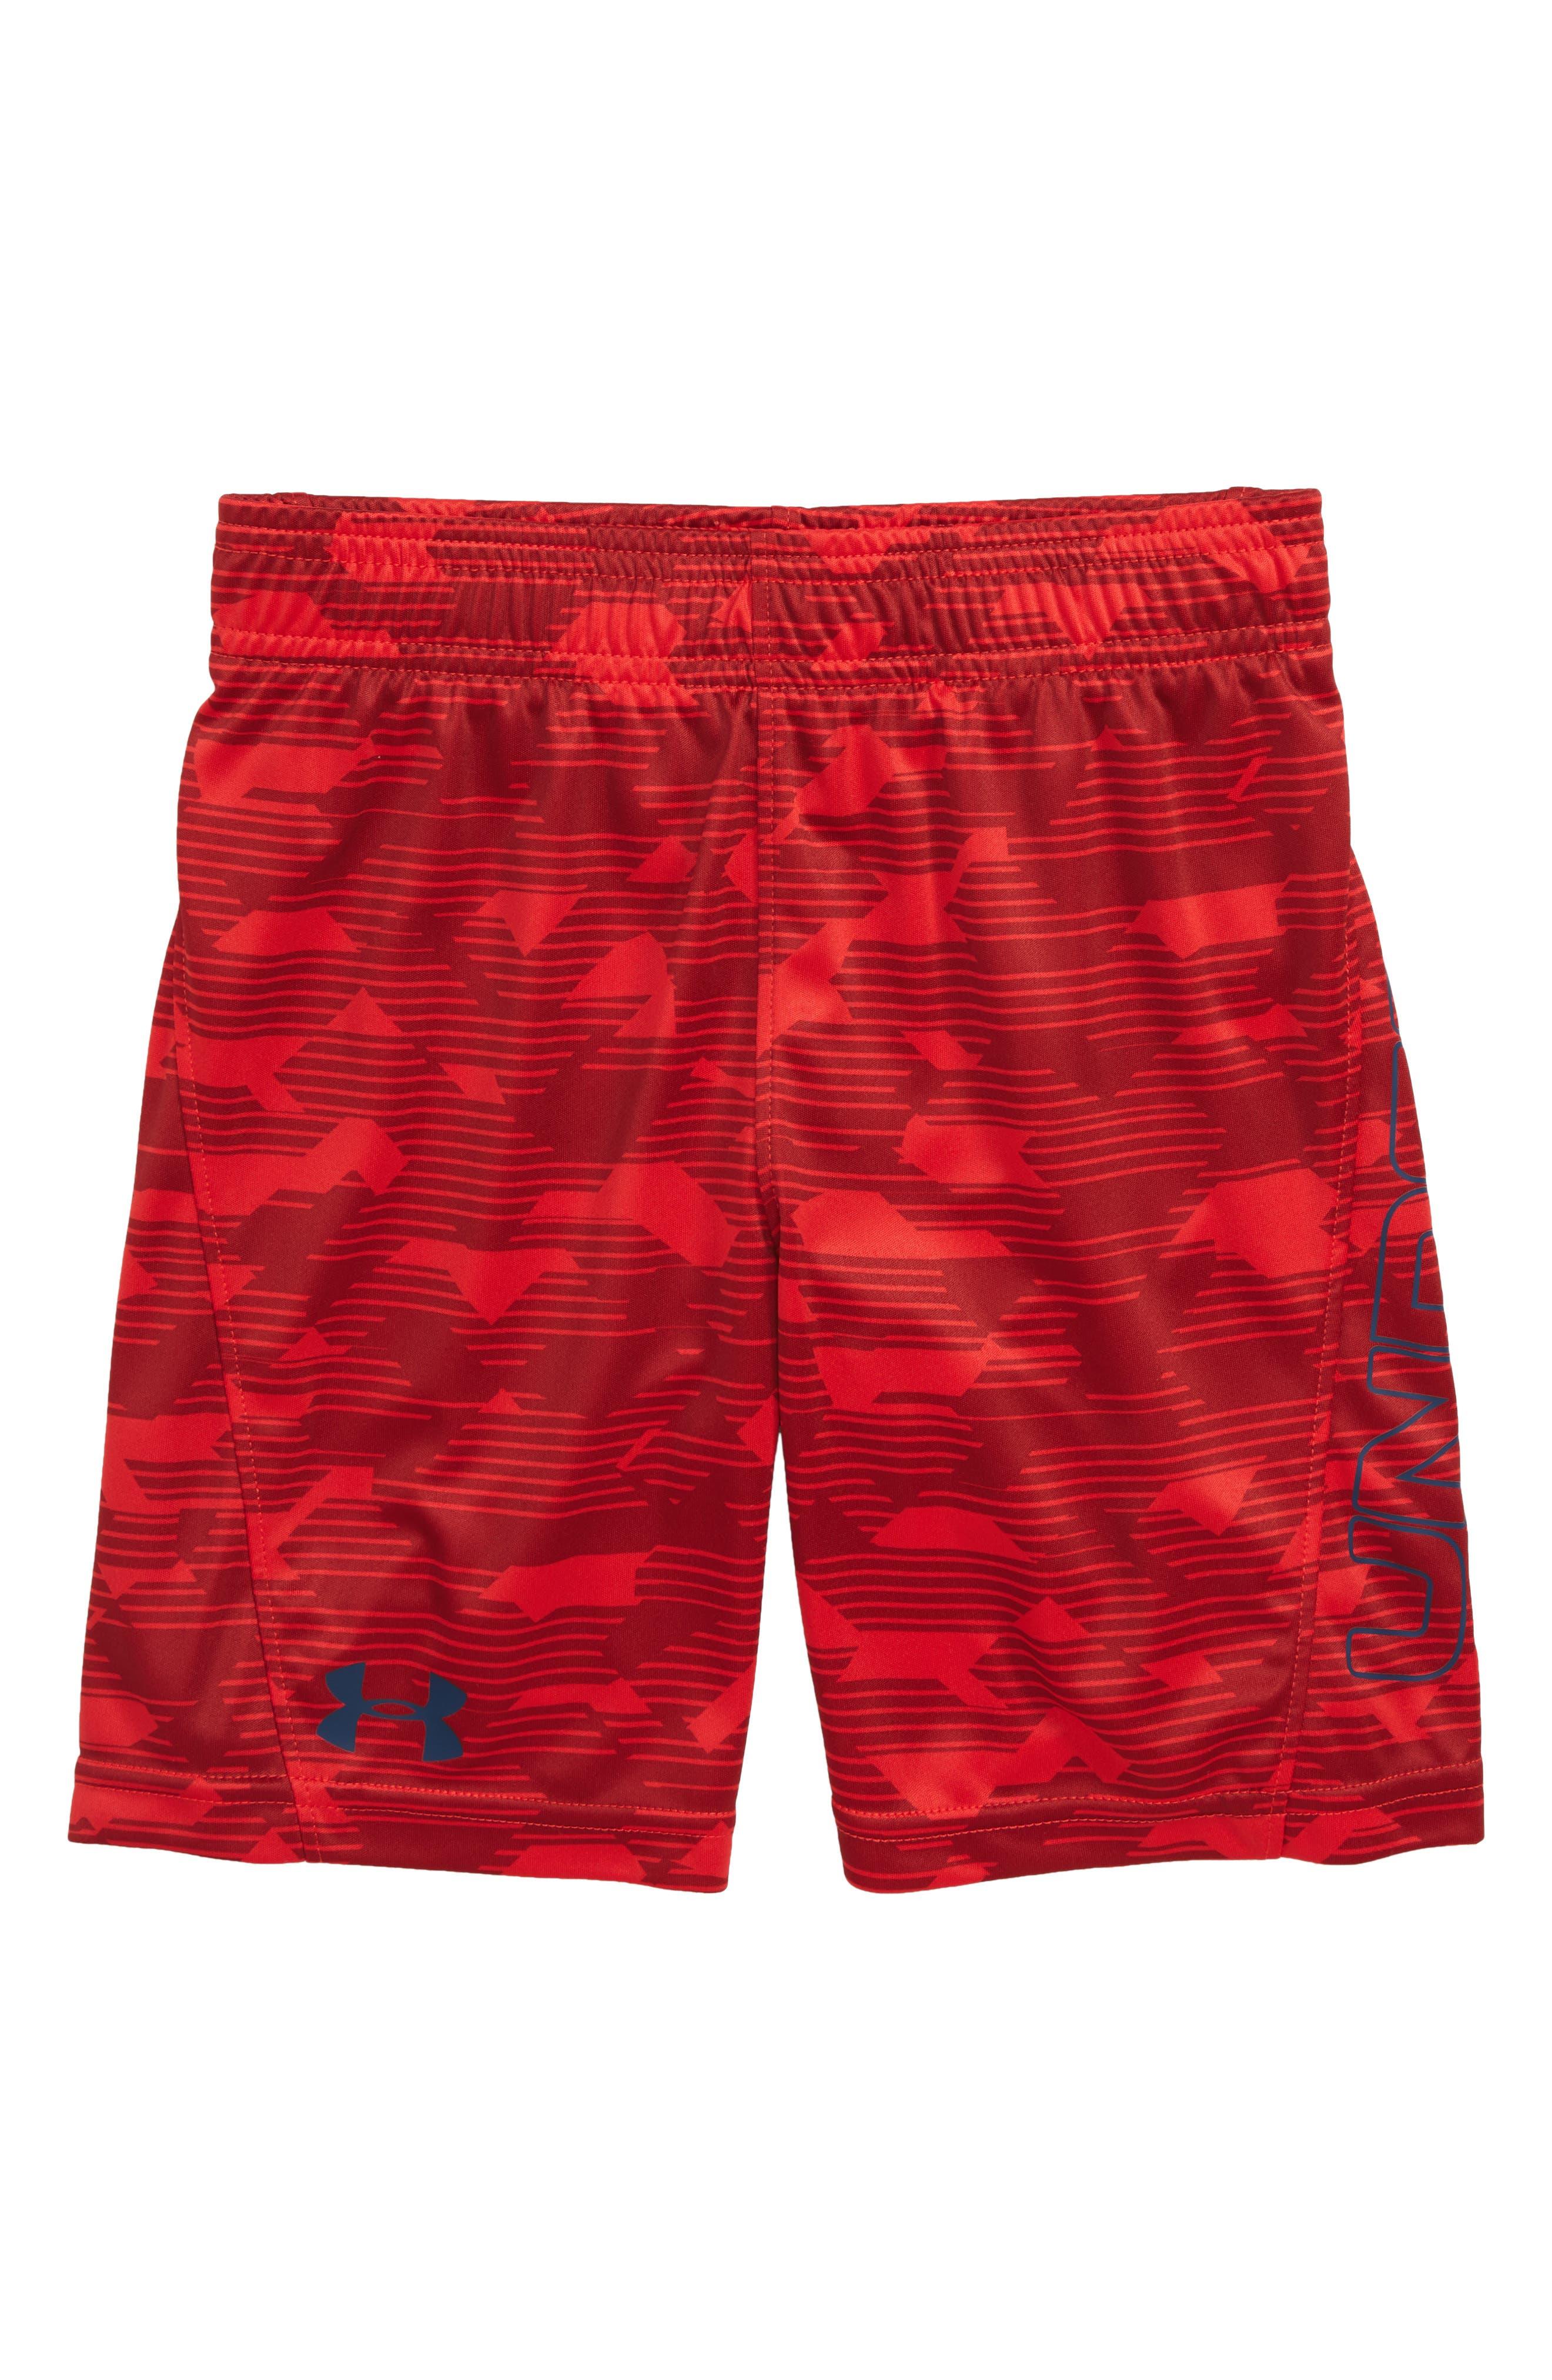 Under Armour Edge Camo HeatGear® Shorts (Toddler Boys & Little Boys)